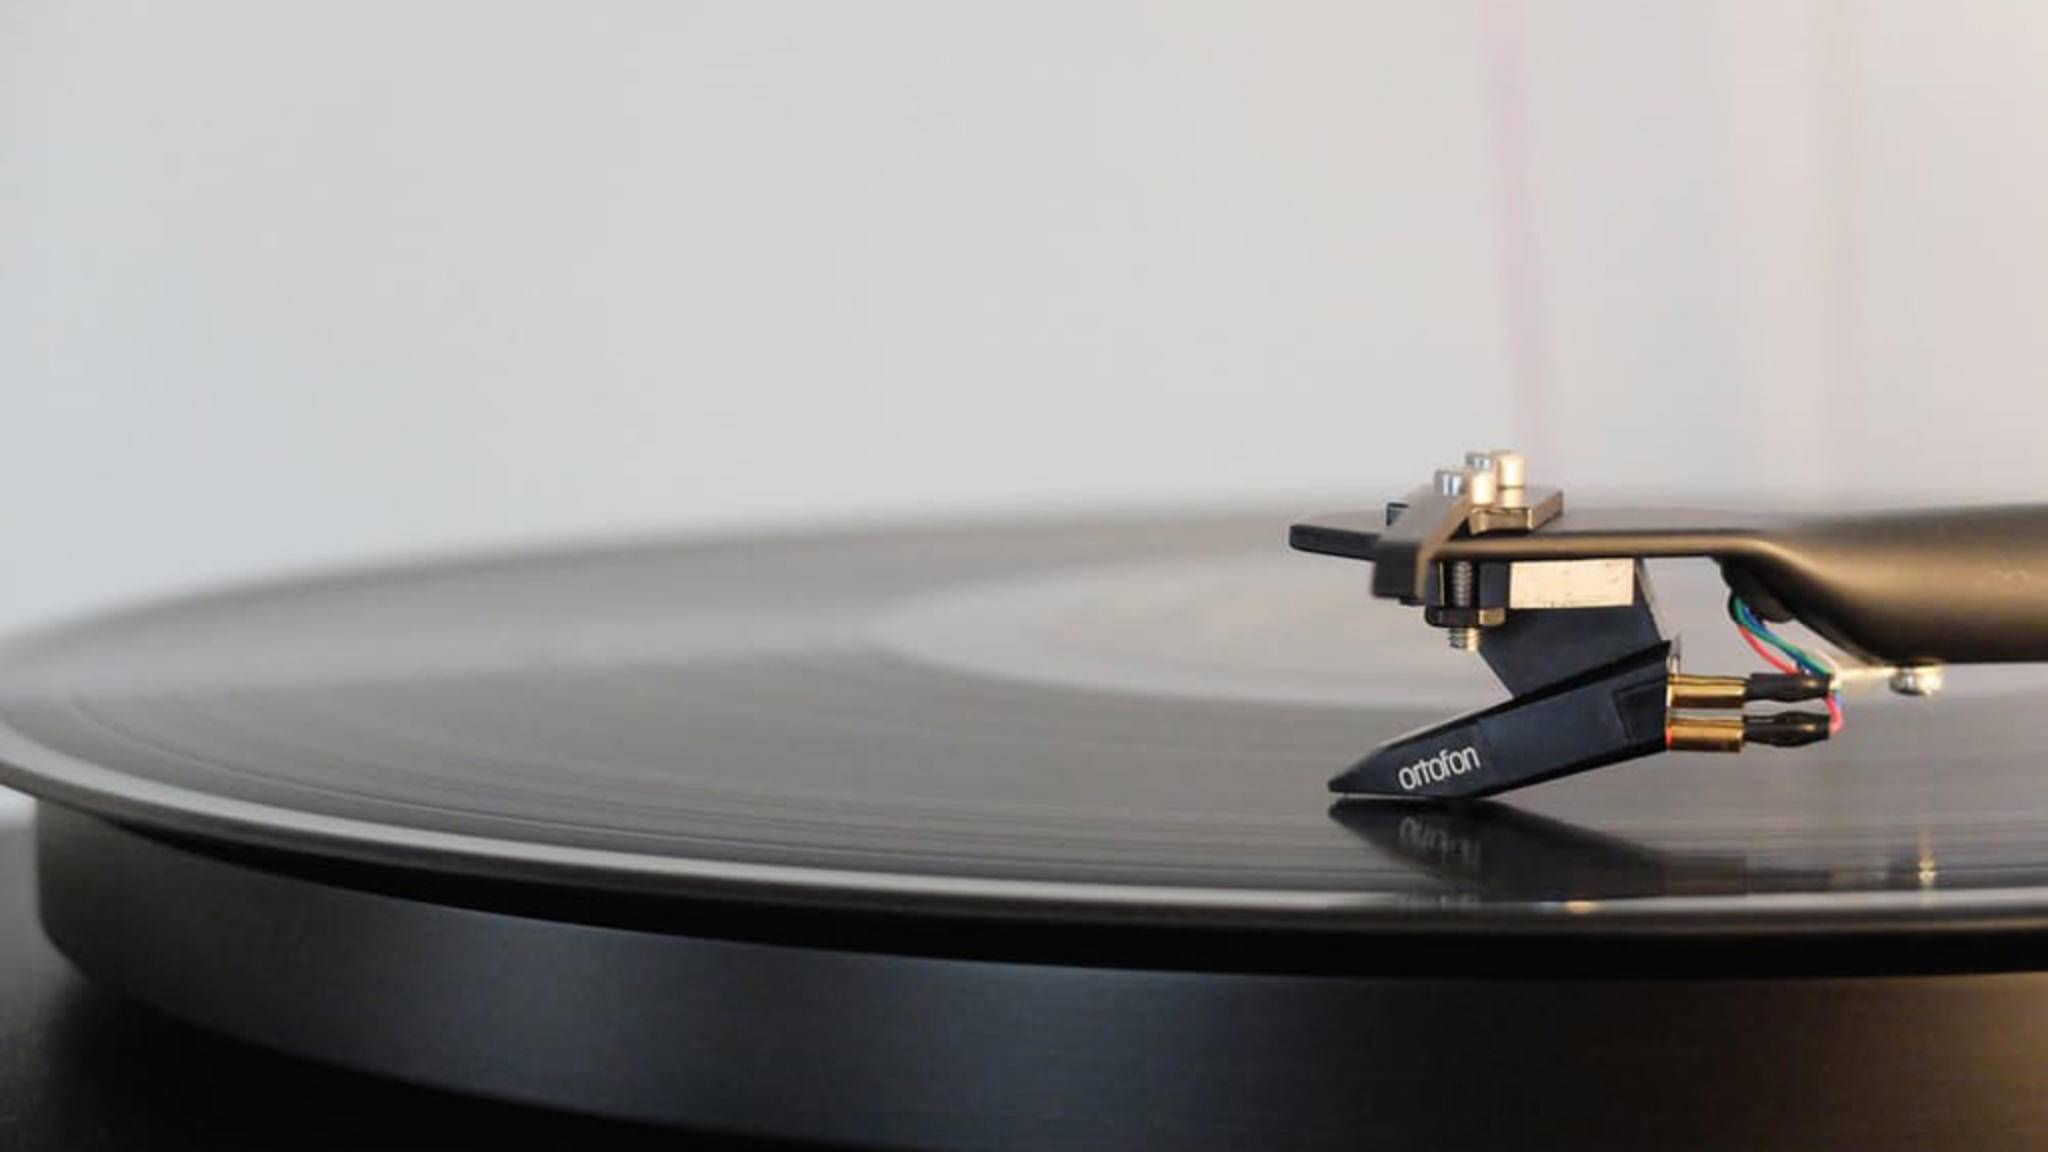 Fast wie neu: Wer Vinyl richtig pflegt, wird mit tollem Klang belohnt.